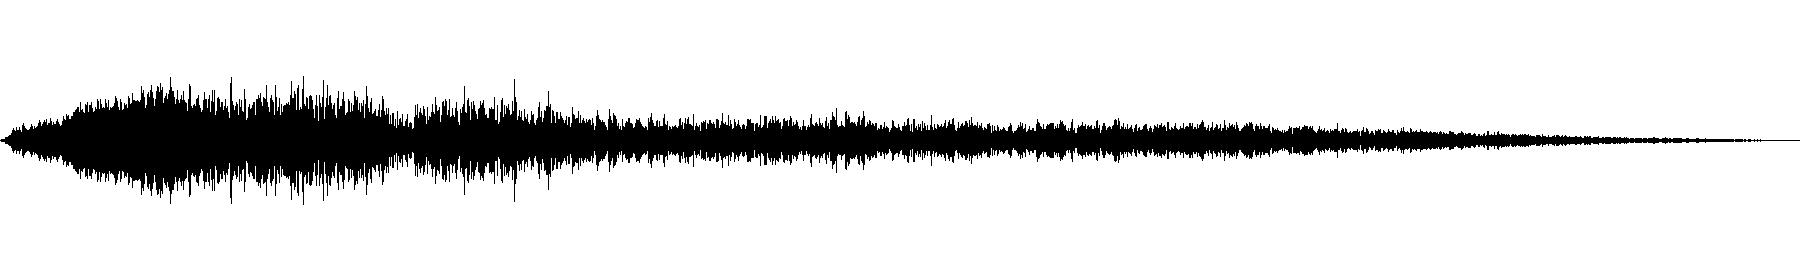 vfx1 atmos 19